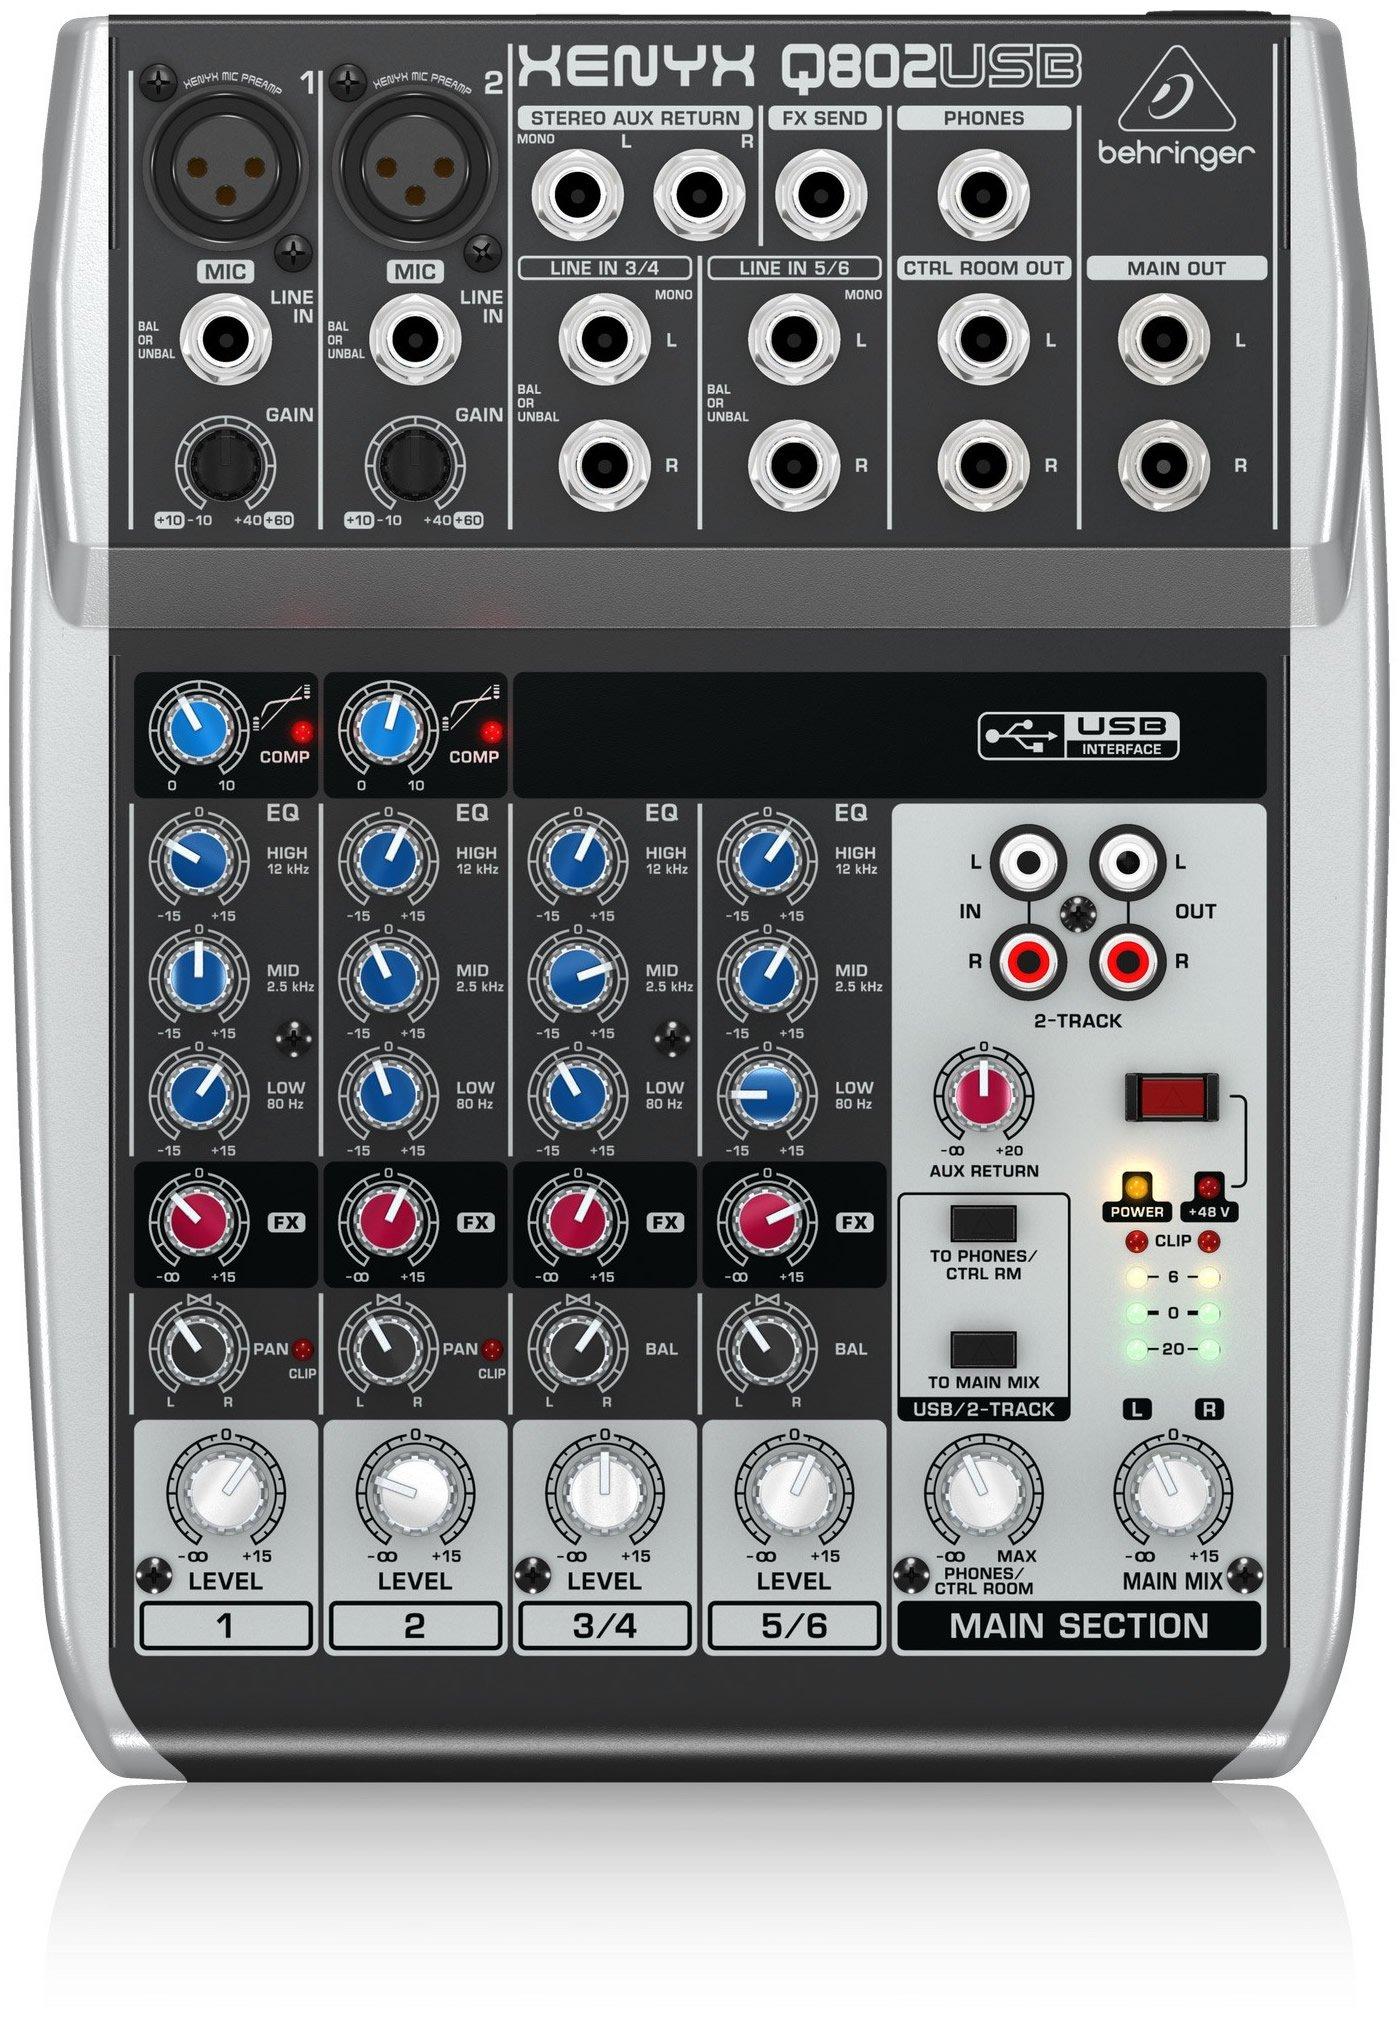 Behringer Q802USB | 8 Input 2 Bus Mixer